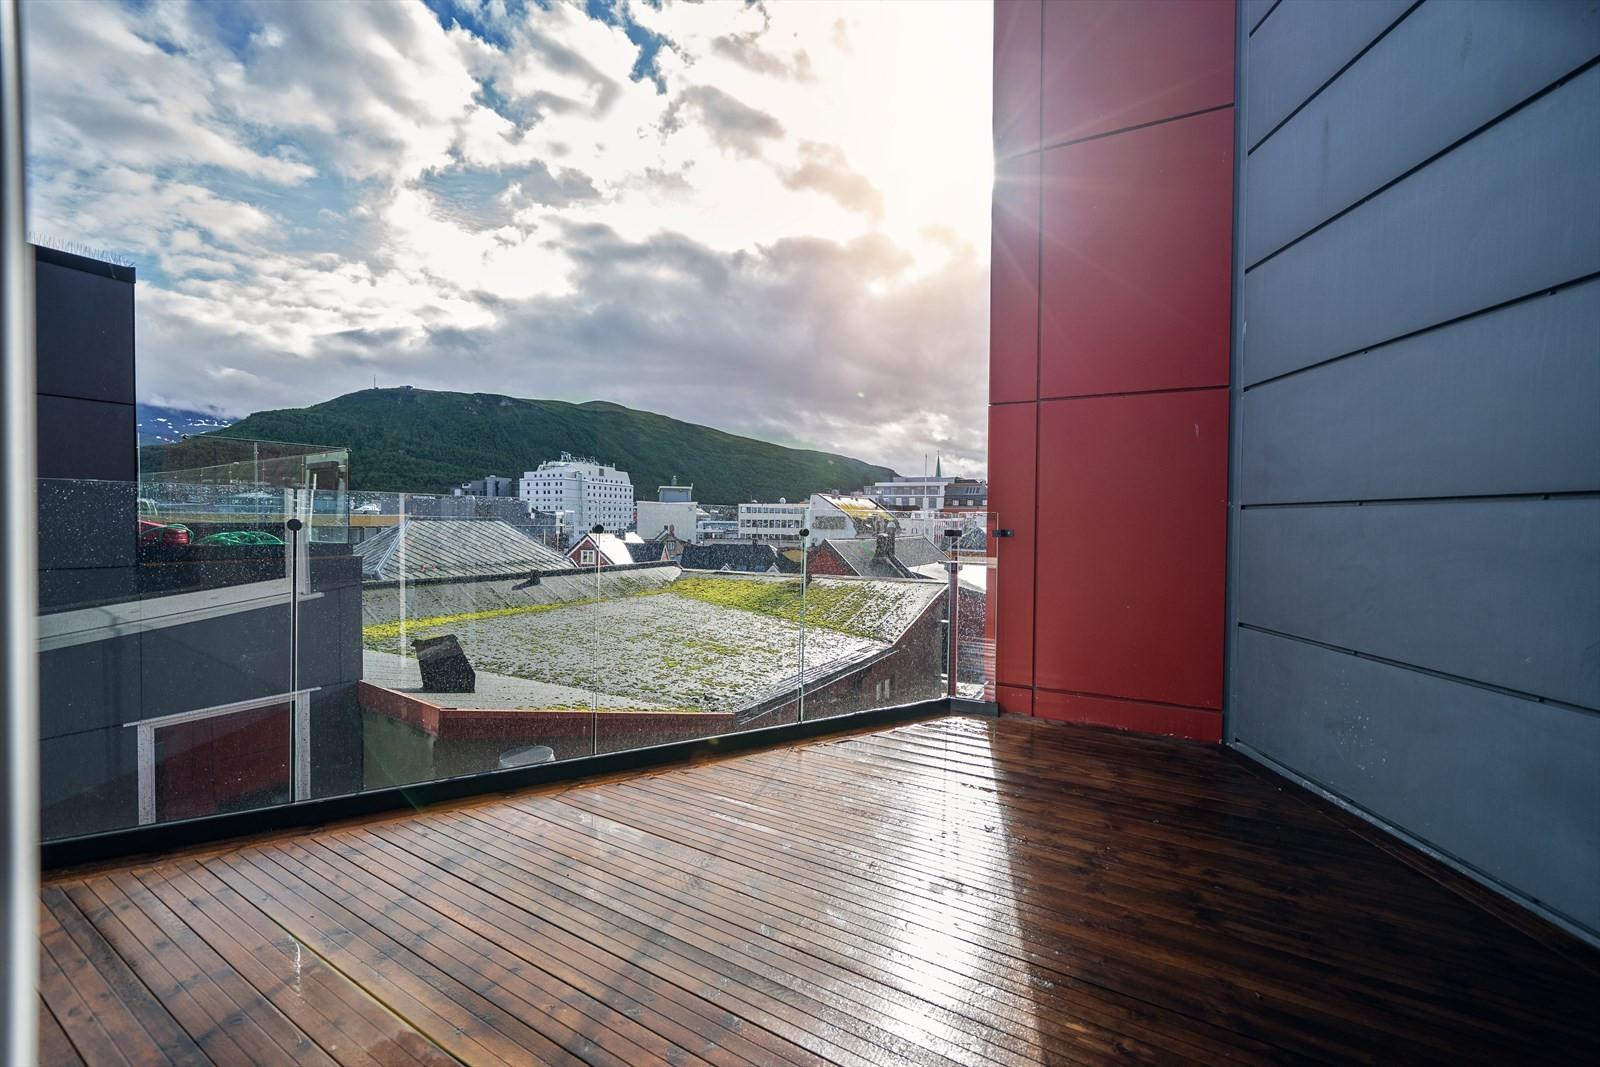 Fra stuen går du ut til denne flotte sør-østvendte verandaen hvor du har fin utsikt over sentrum og mot Fløya